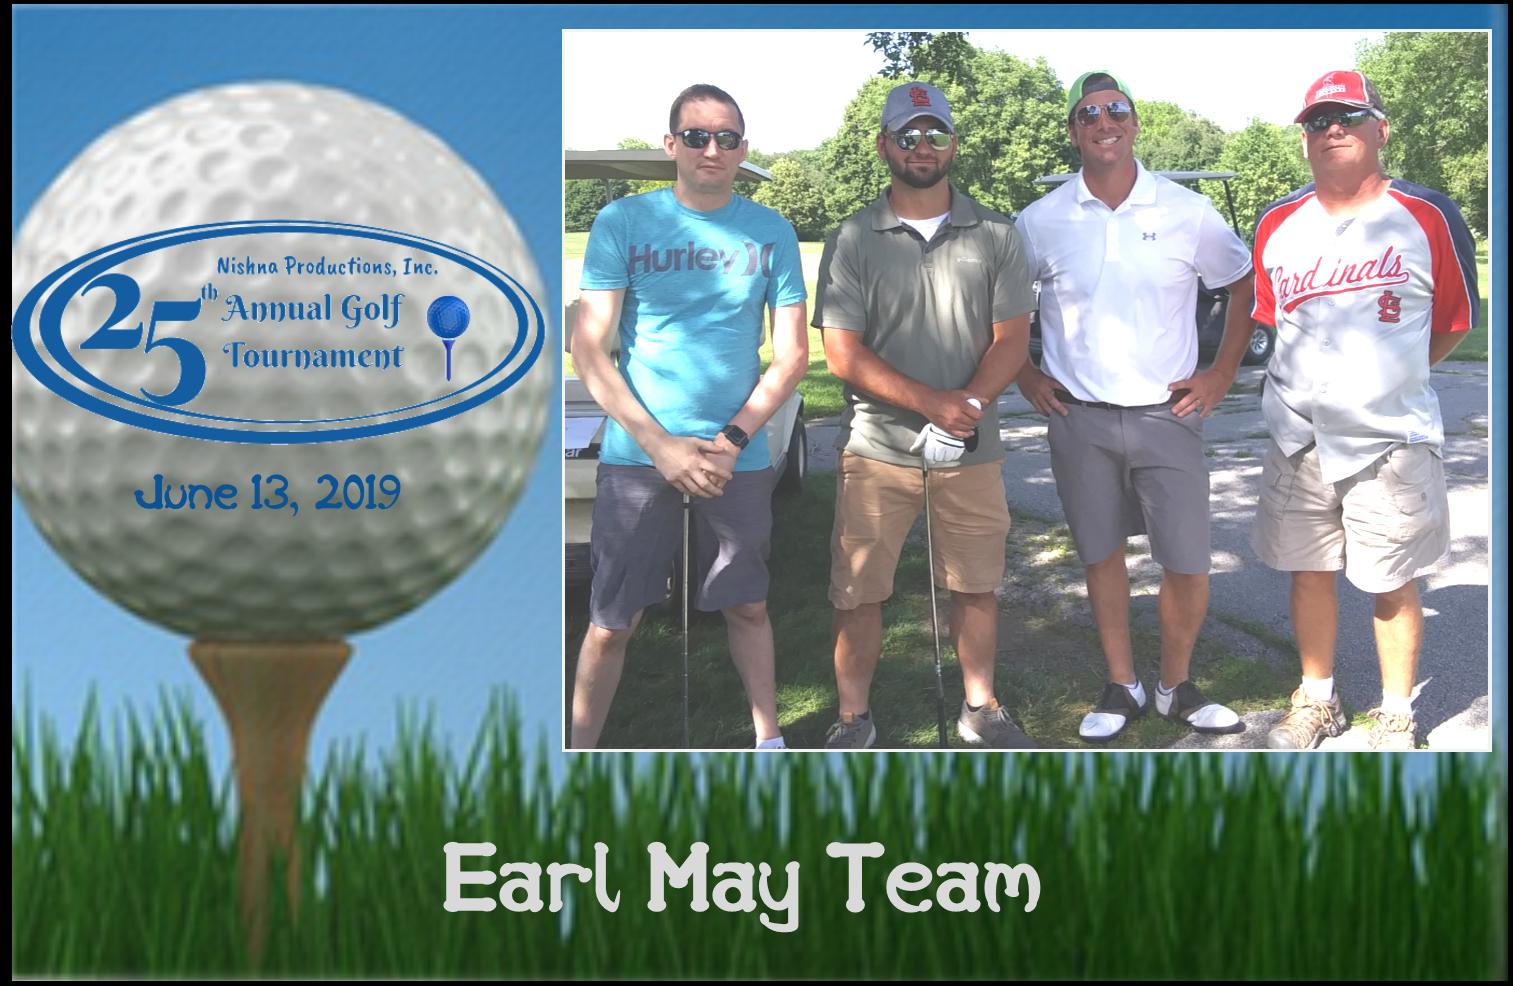 Earl May Team